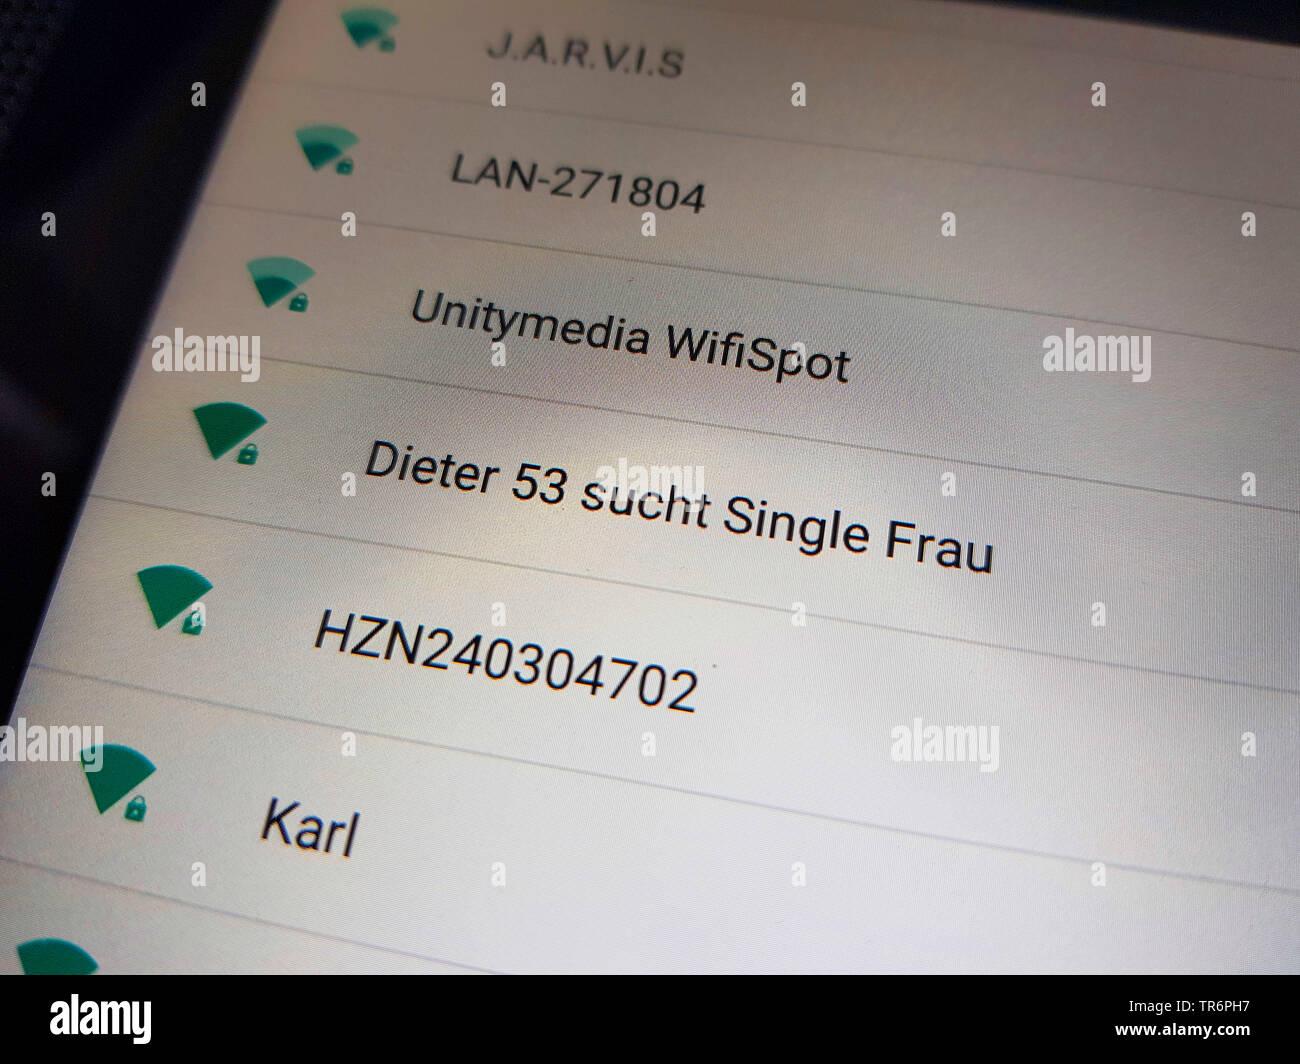 Disponibili collegamenti Wifi su uno smartphone, Dieter 53 tale singolo Frau, Dieter 53 Guardando per la sola donna Immagini Stock